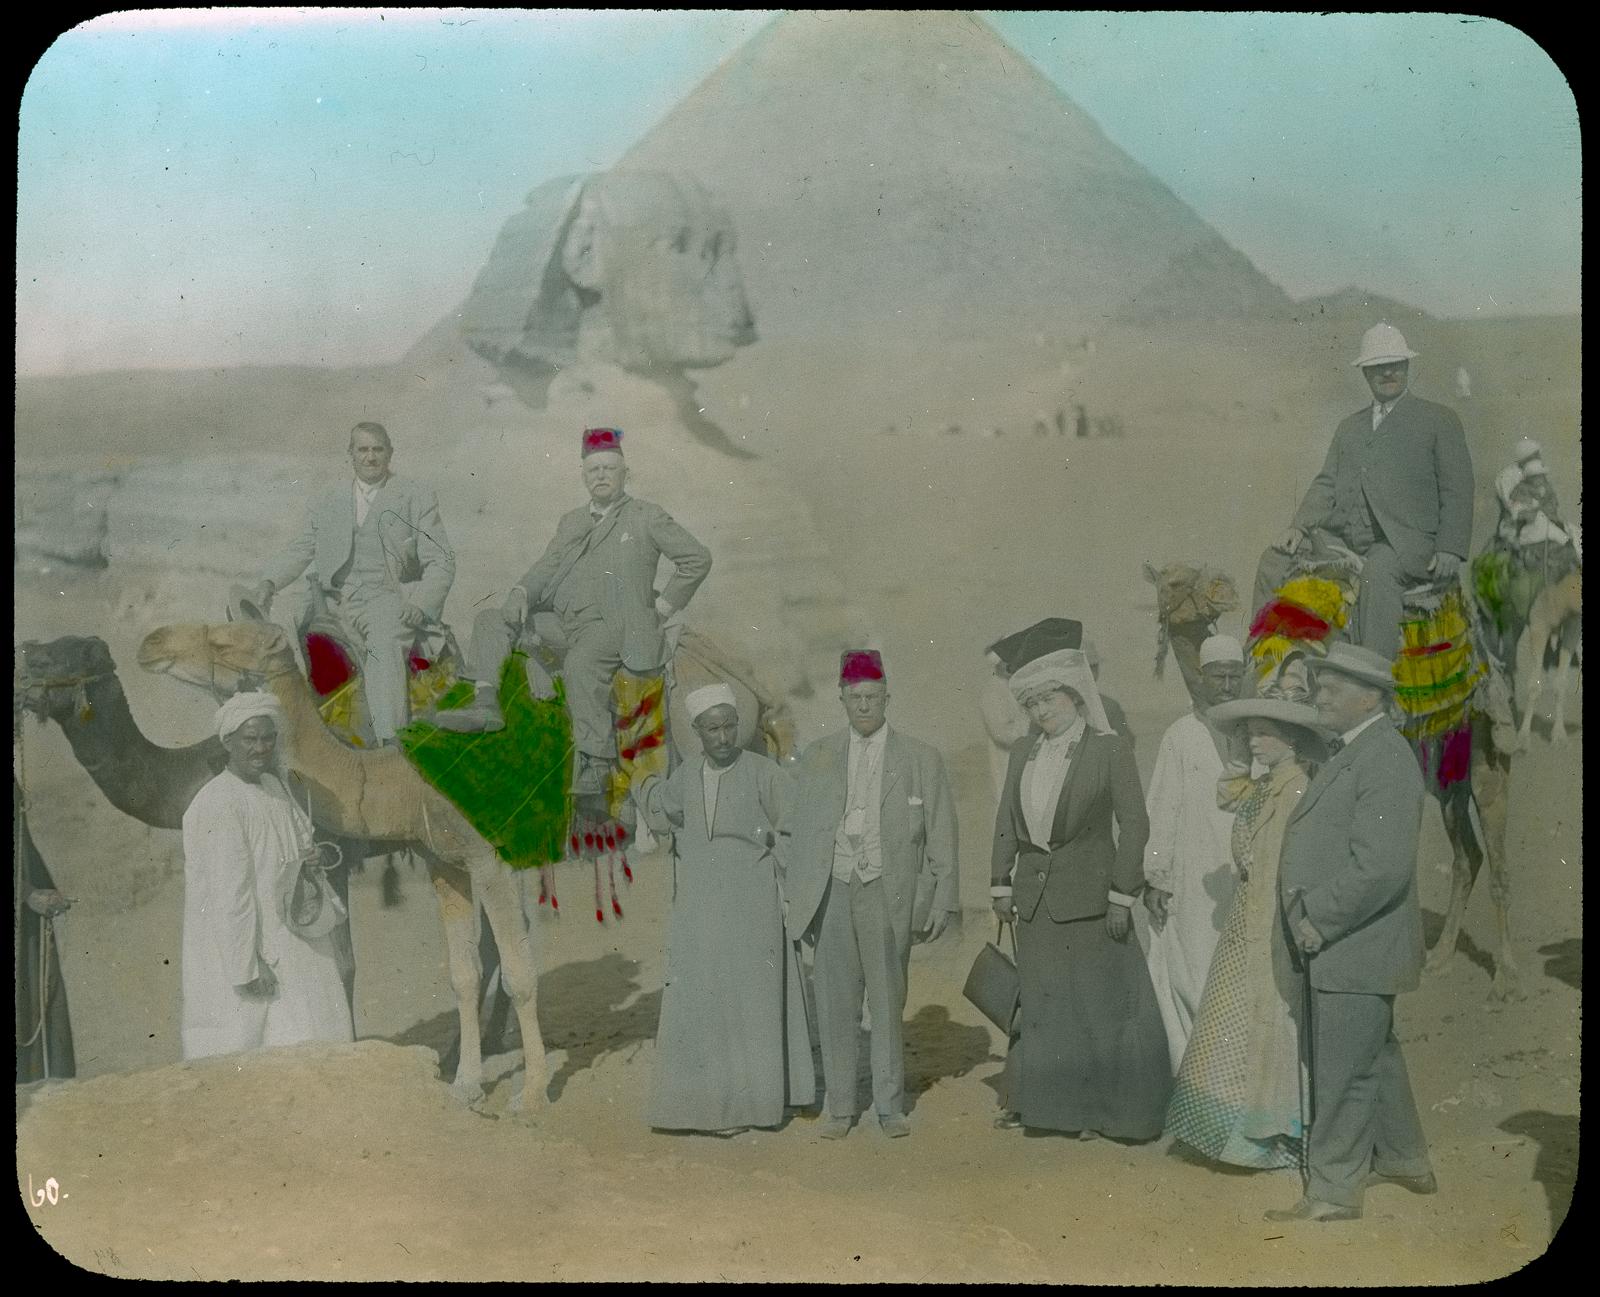 Гиза. Туристы и местные гиды с верблюдами перед Сфинксом и пирамидами